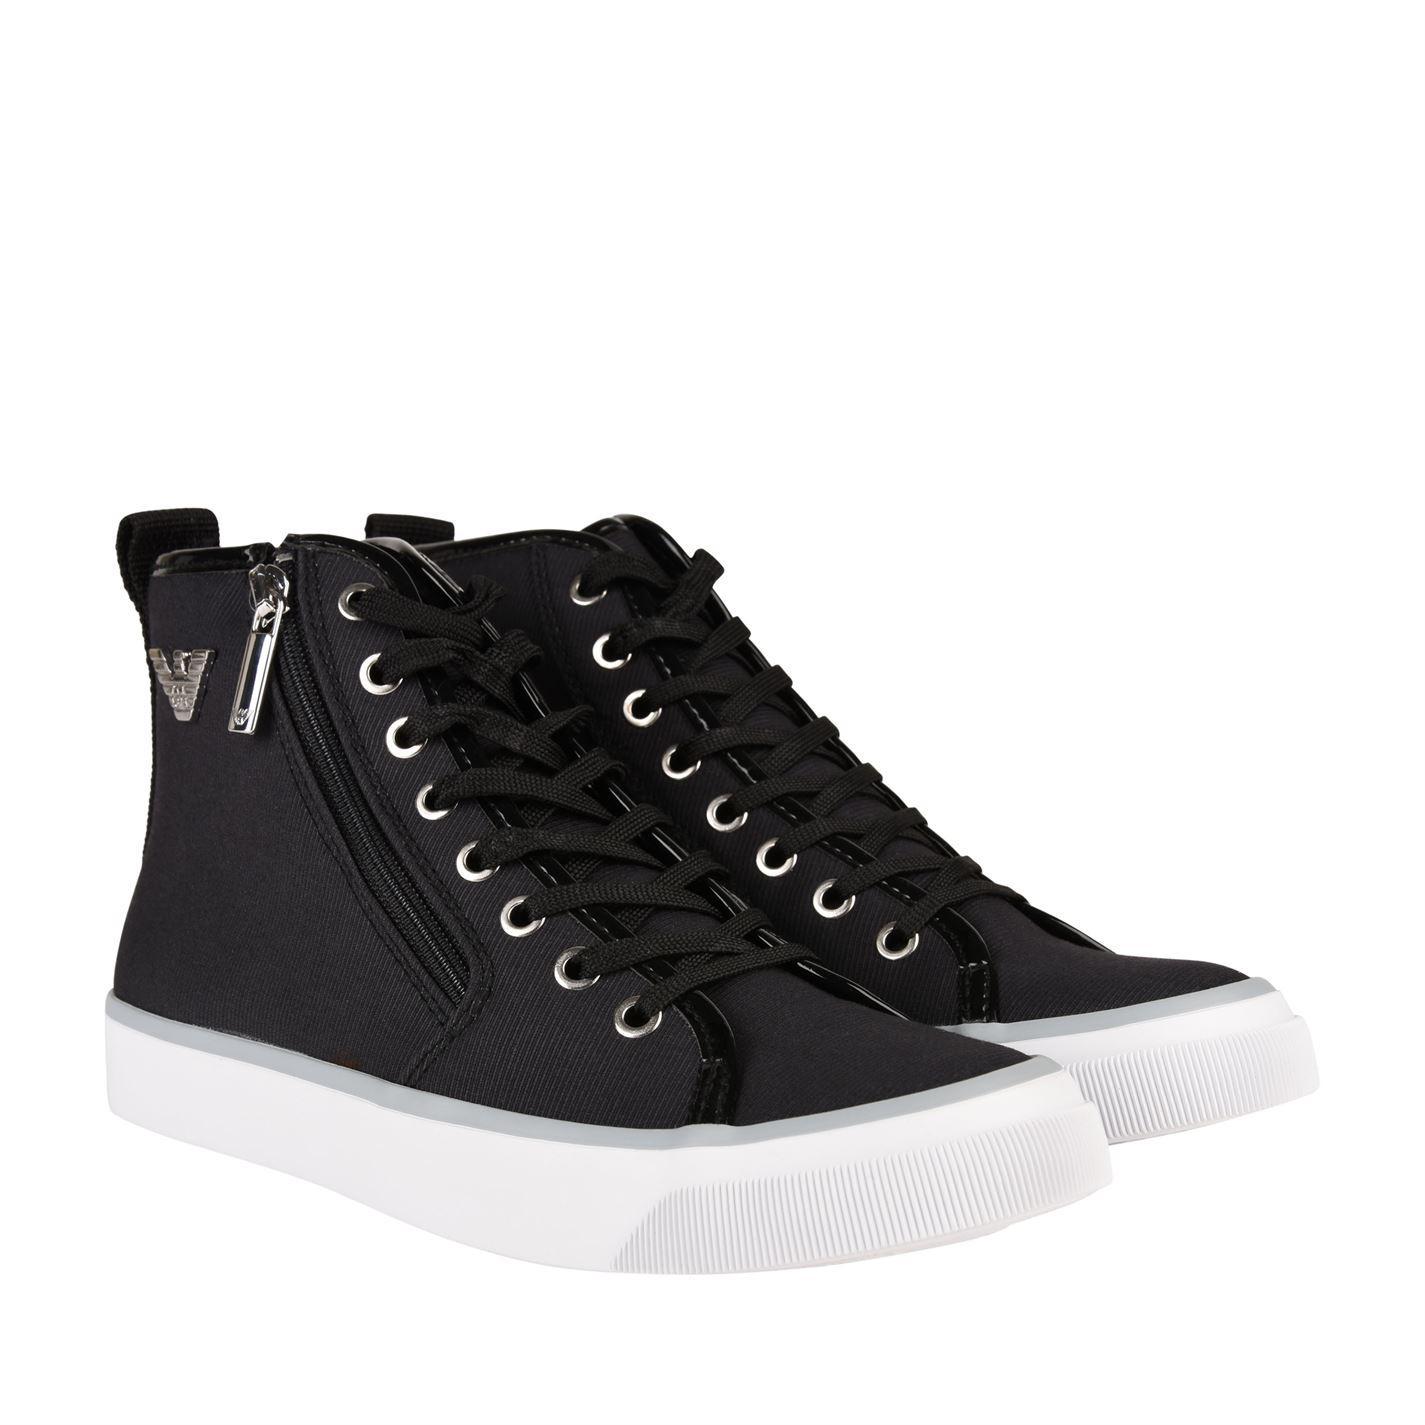 100% authentic 089a0 c9349 armani jeans venus high top trainers Lyst - Armani Jeans Venus High Top  Trainers in Black for Men